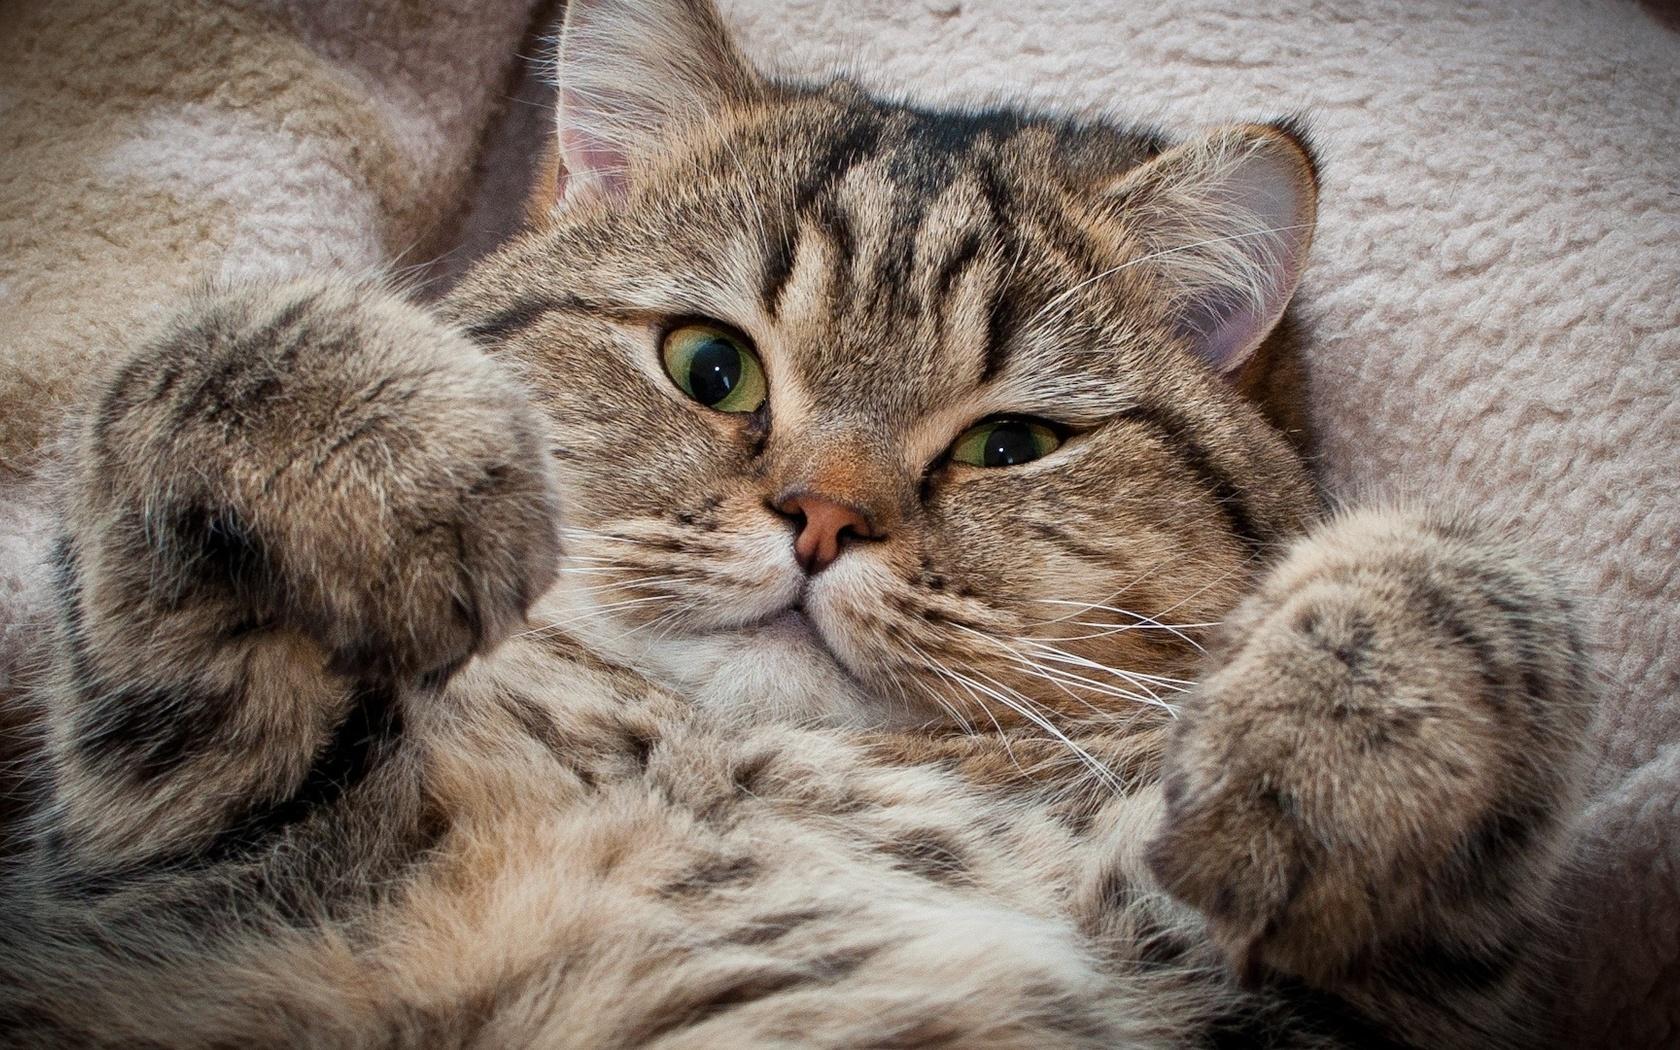 Надписью календарь, картинки самых популярных котиков